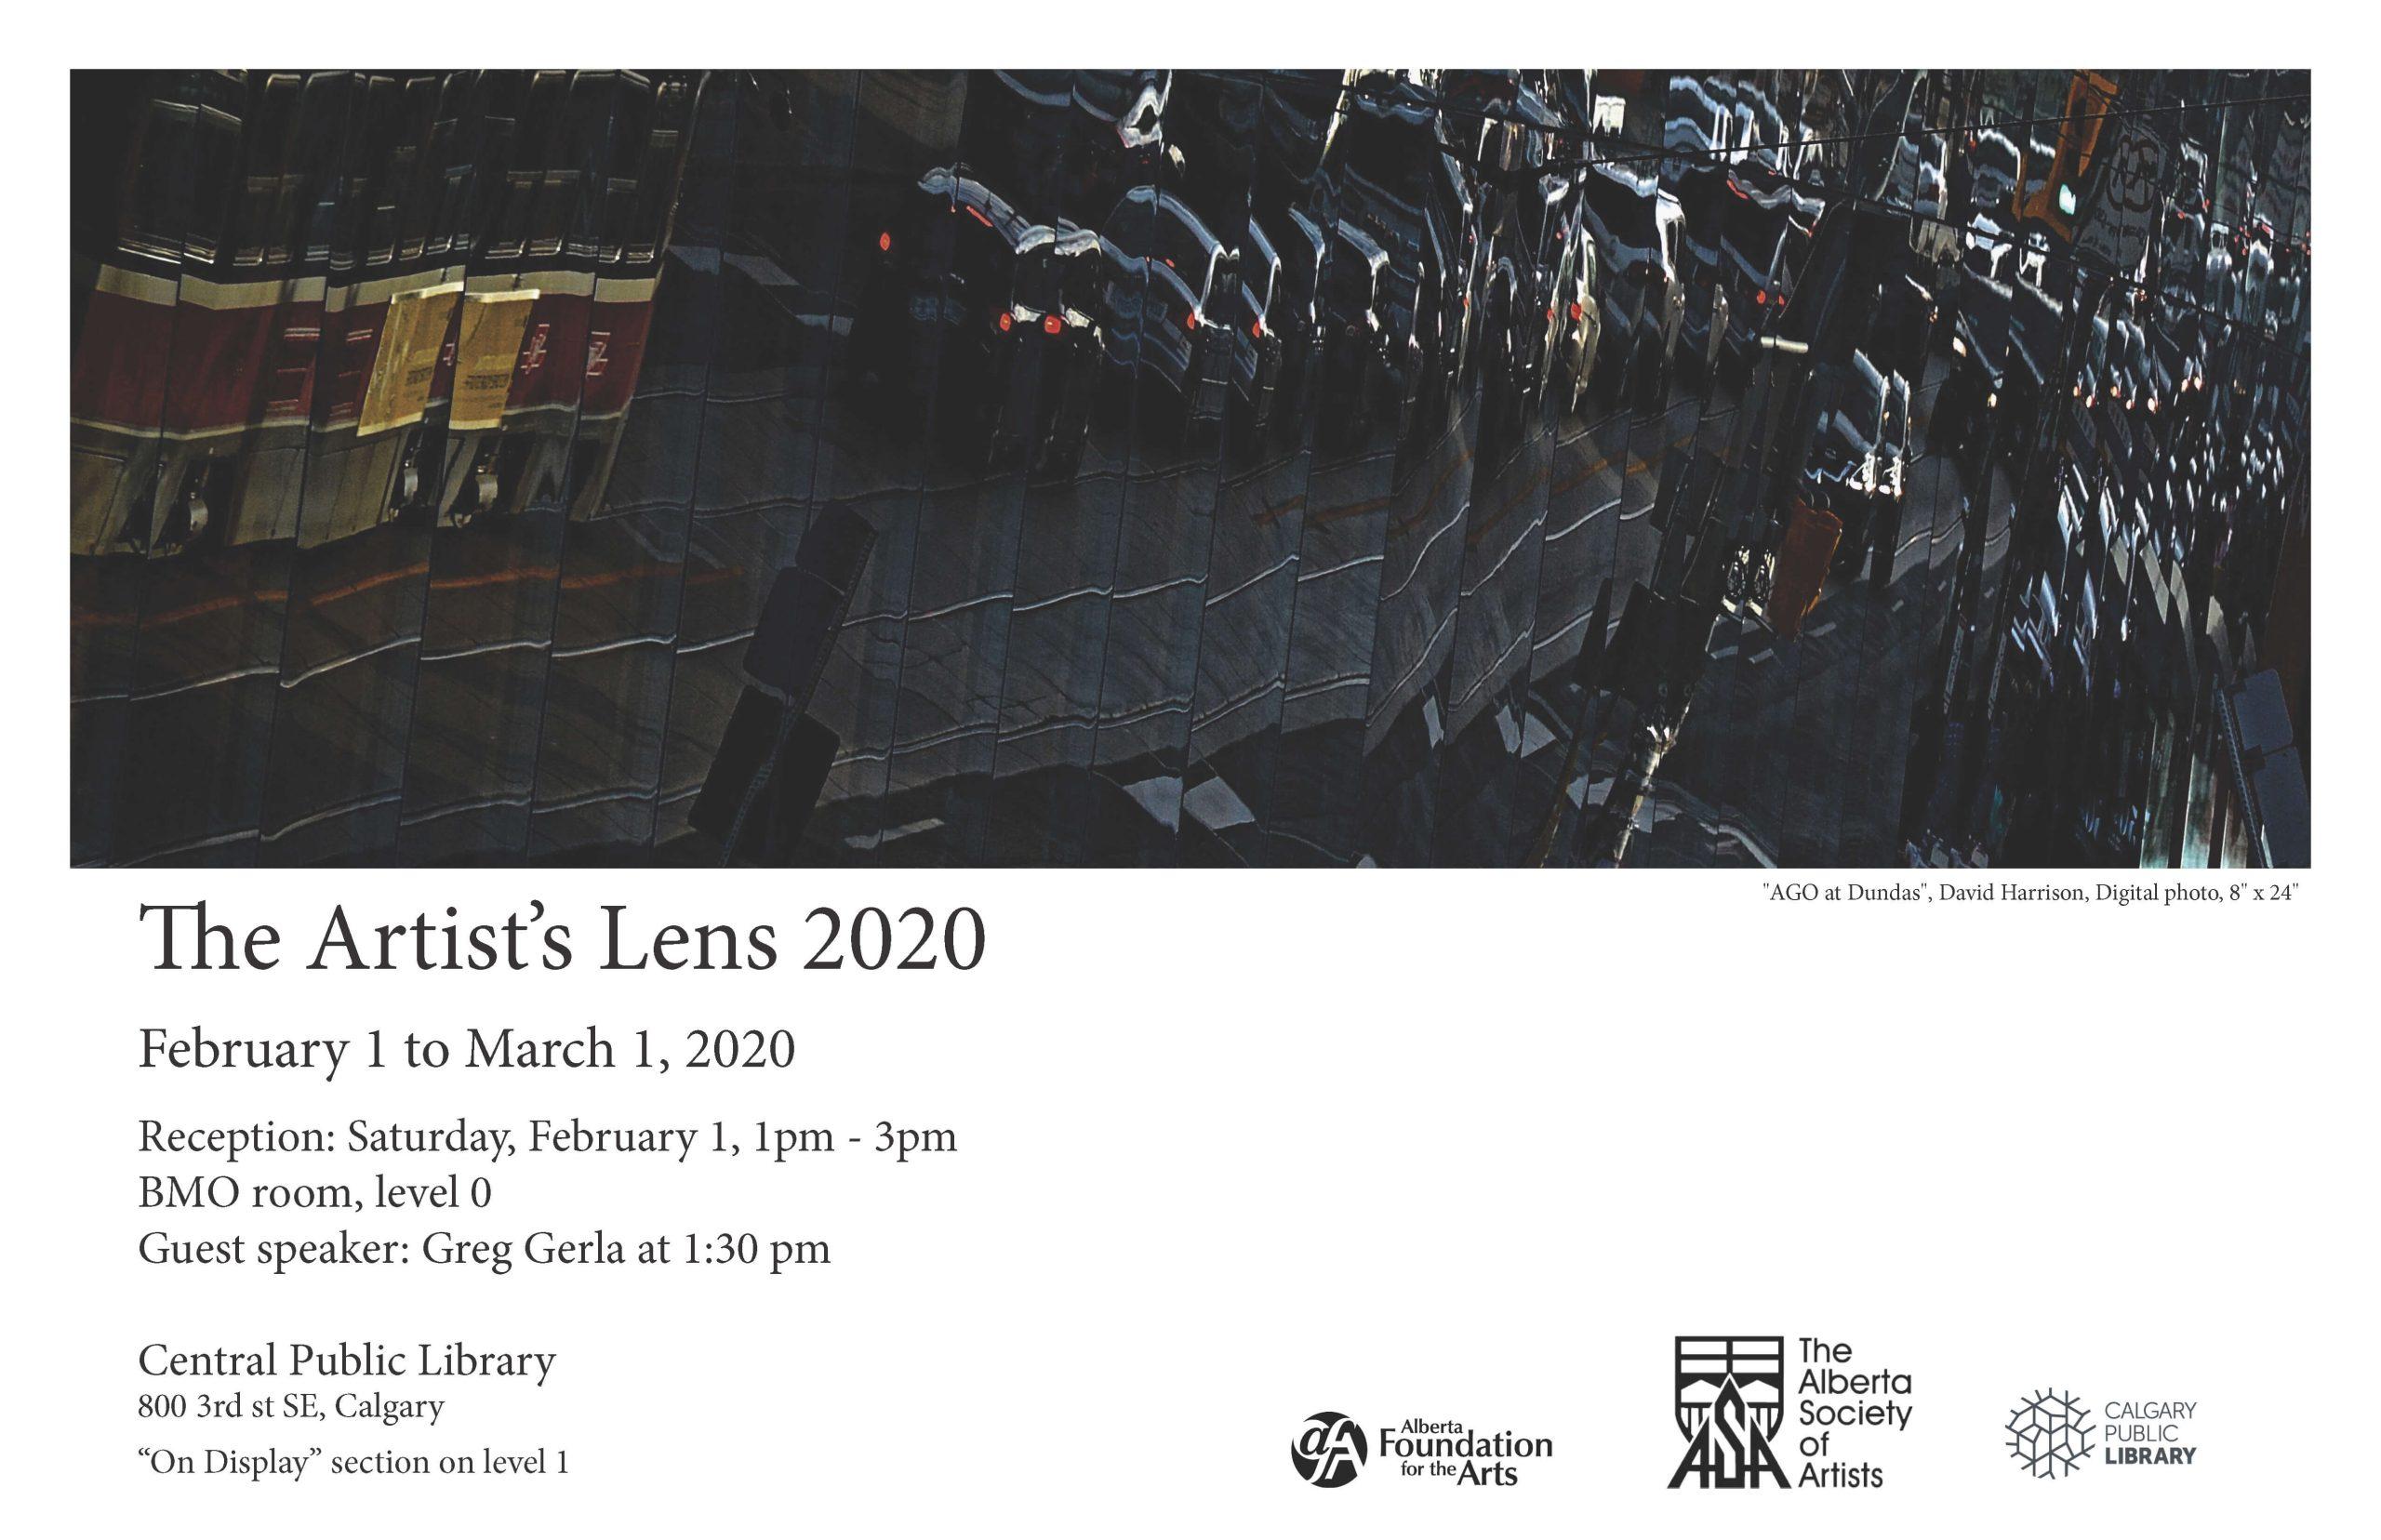 Artist's Lens 2020 poster